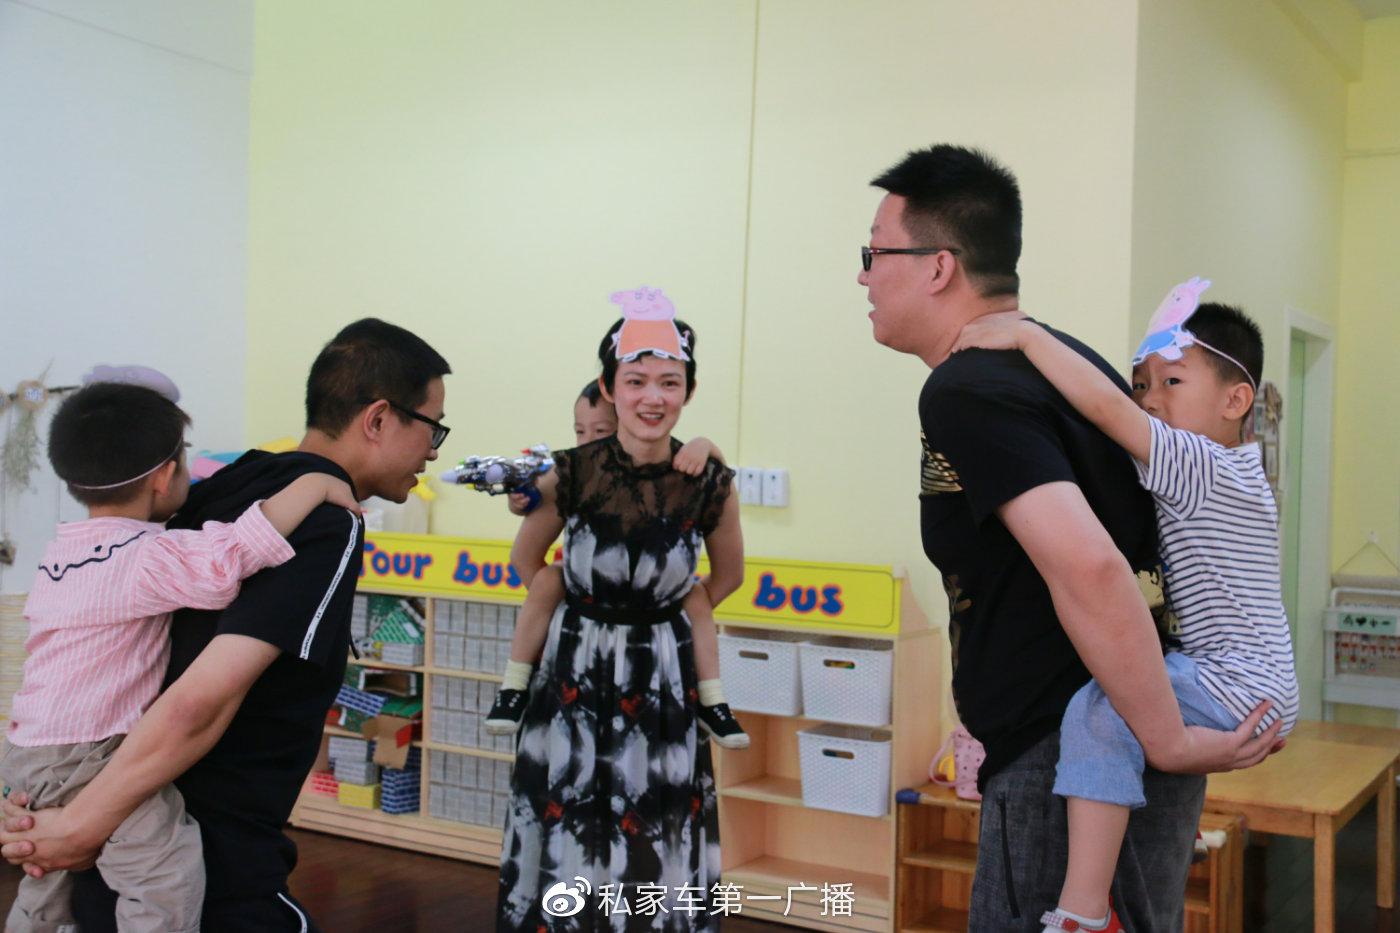 你会玩佩奇蹲蹲乐吗?宝爸宝妈们背起带=戴着佩奇角色头饰的宝宝,开始了反应大比拼!